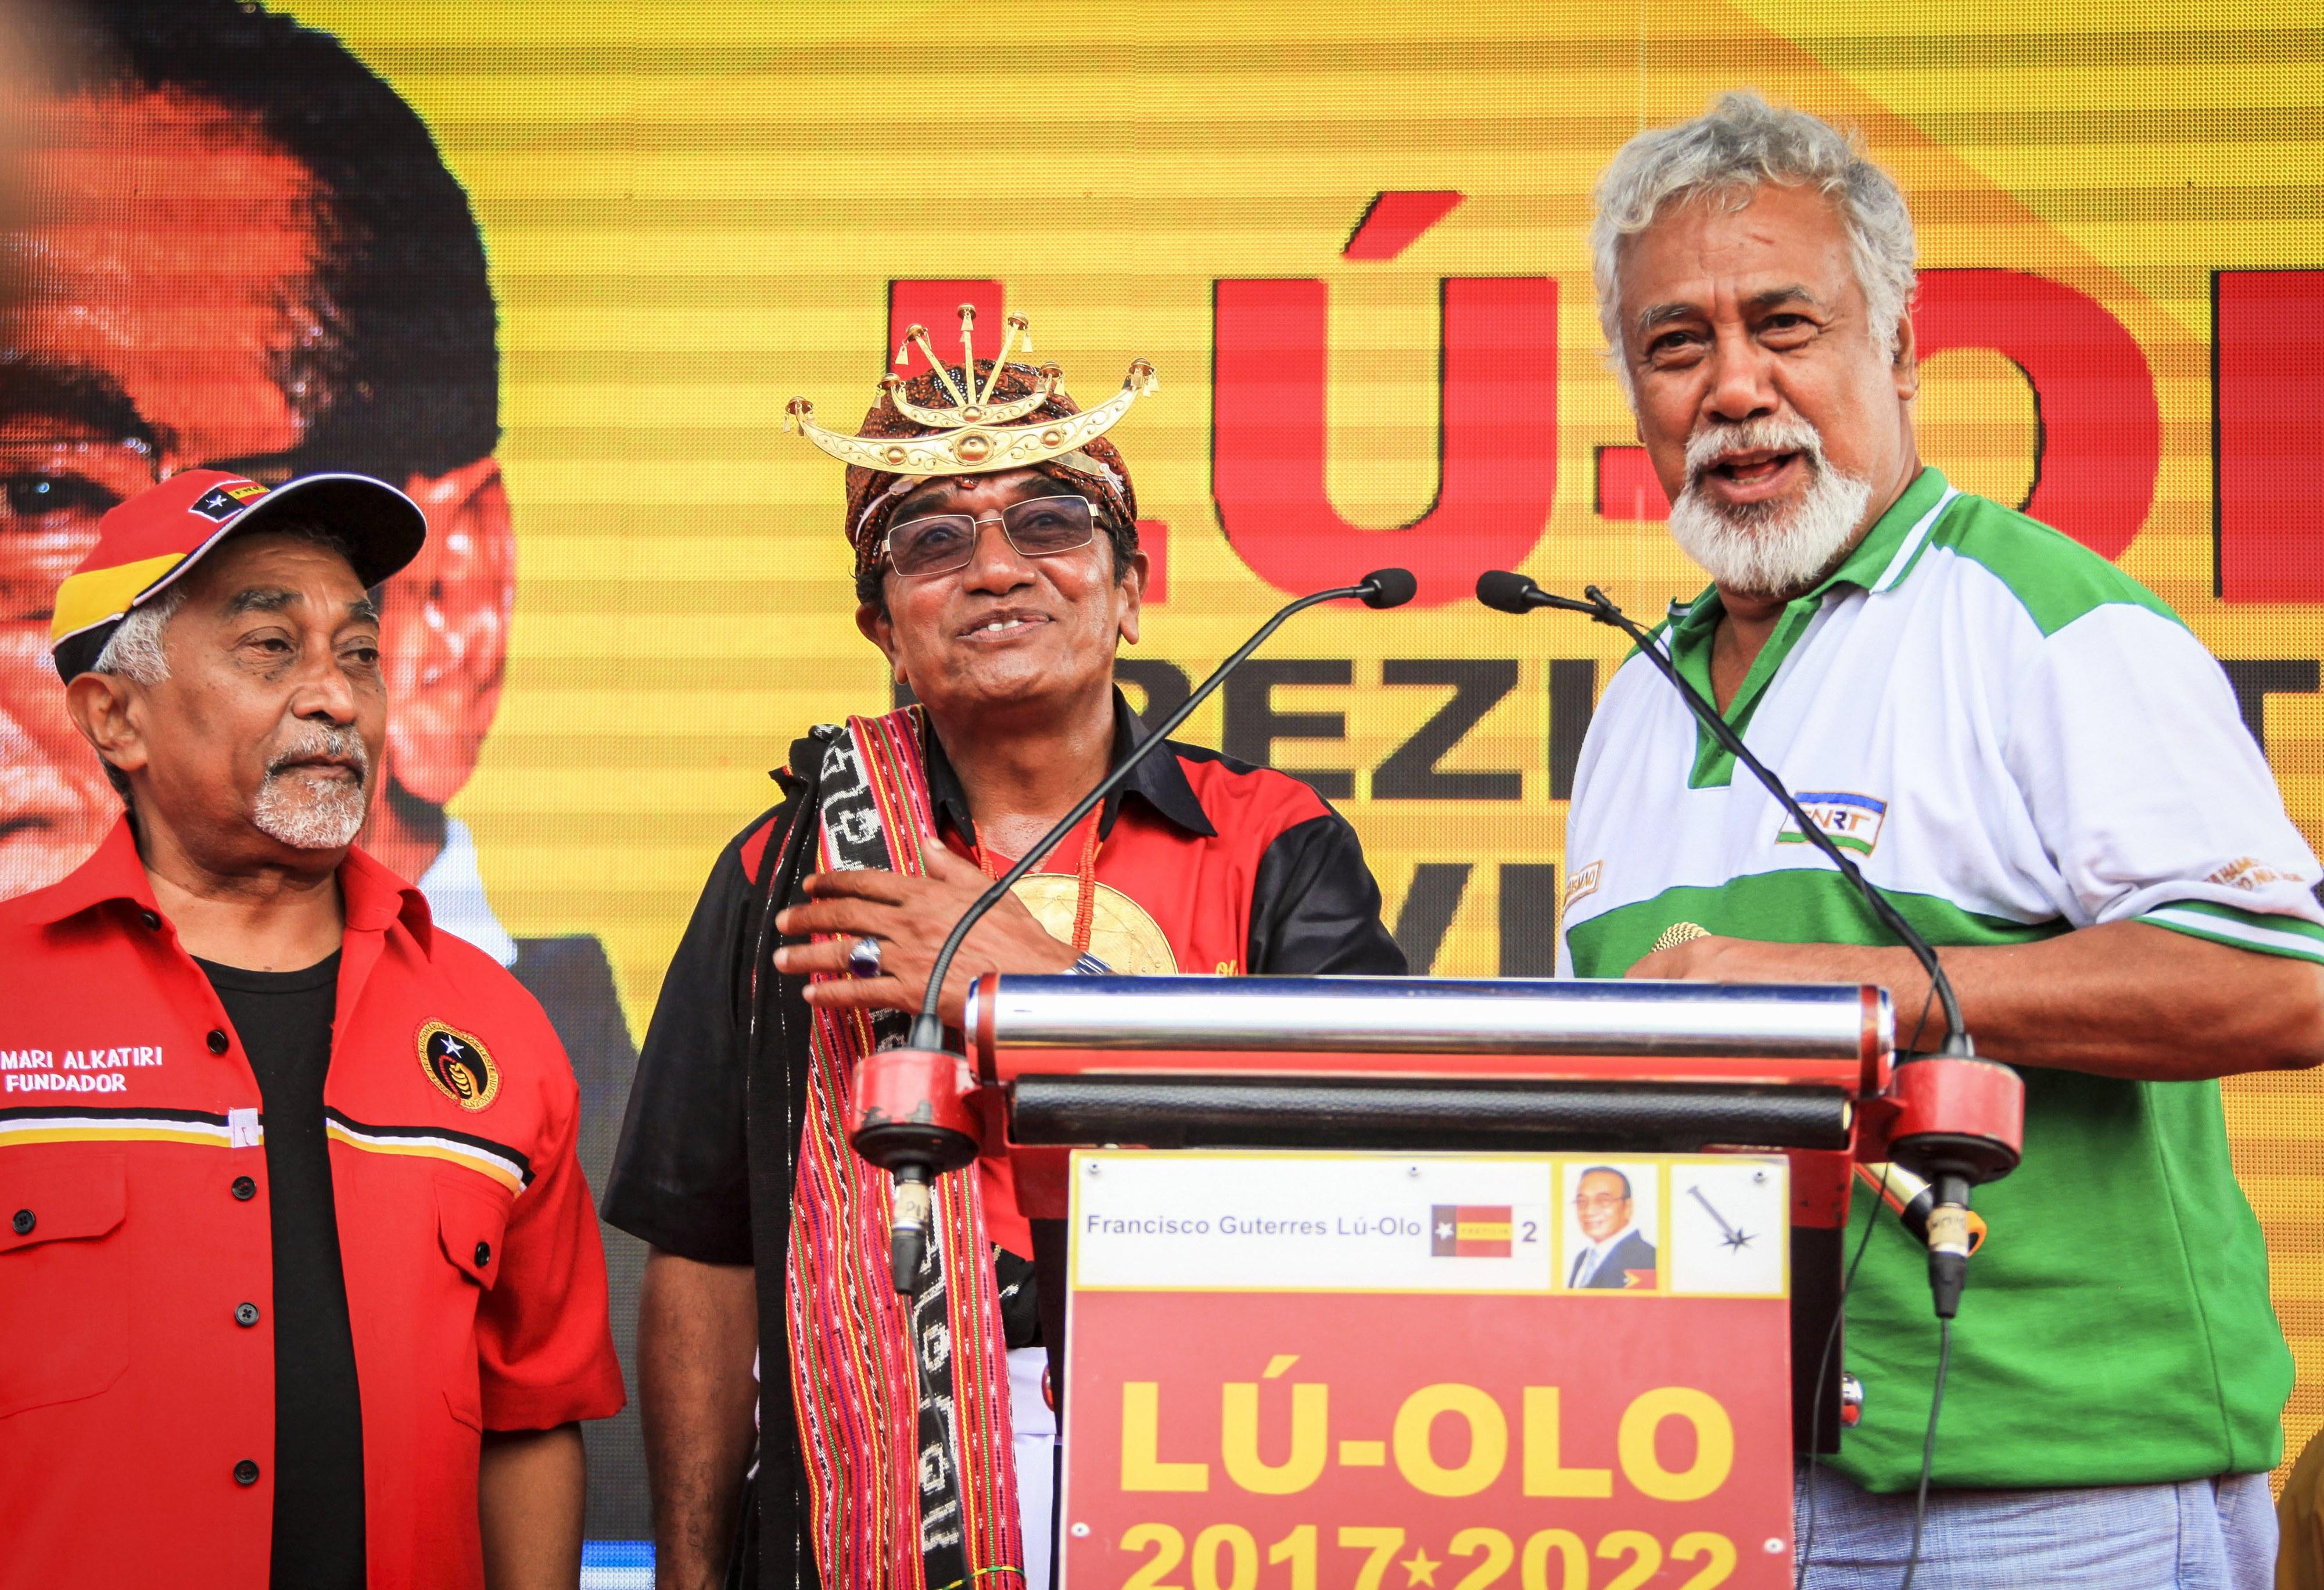 Presidente eleito timorense agradece apoio, promete ser chefe de Estado de todos